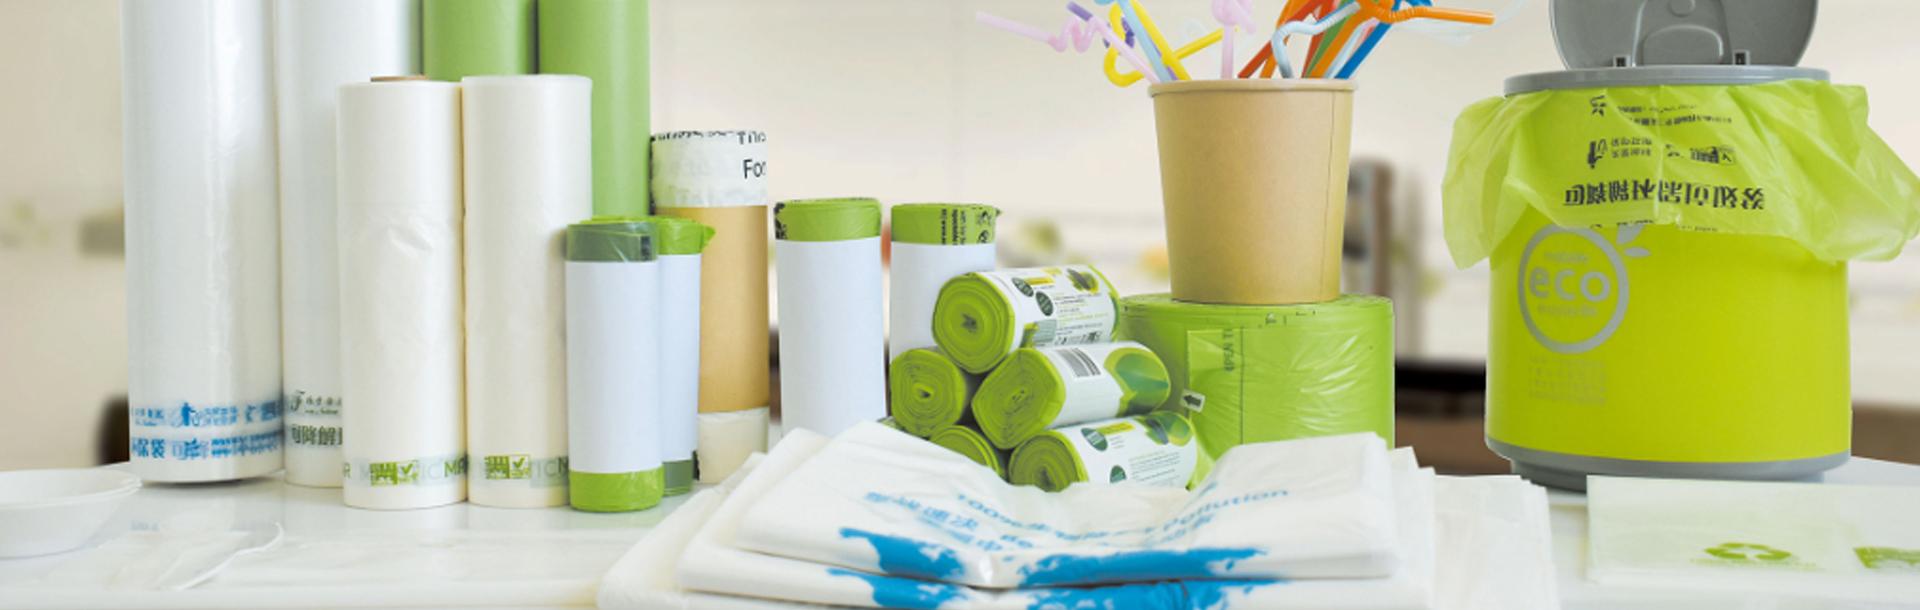 biodegradable plastic bag, compostable bag